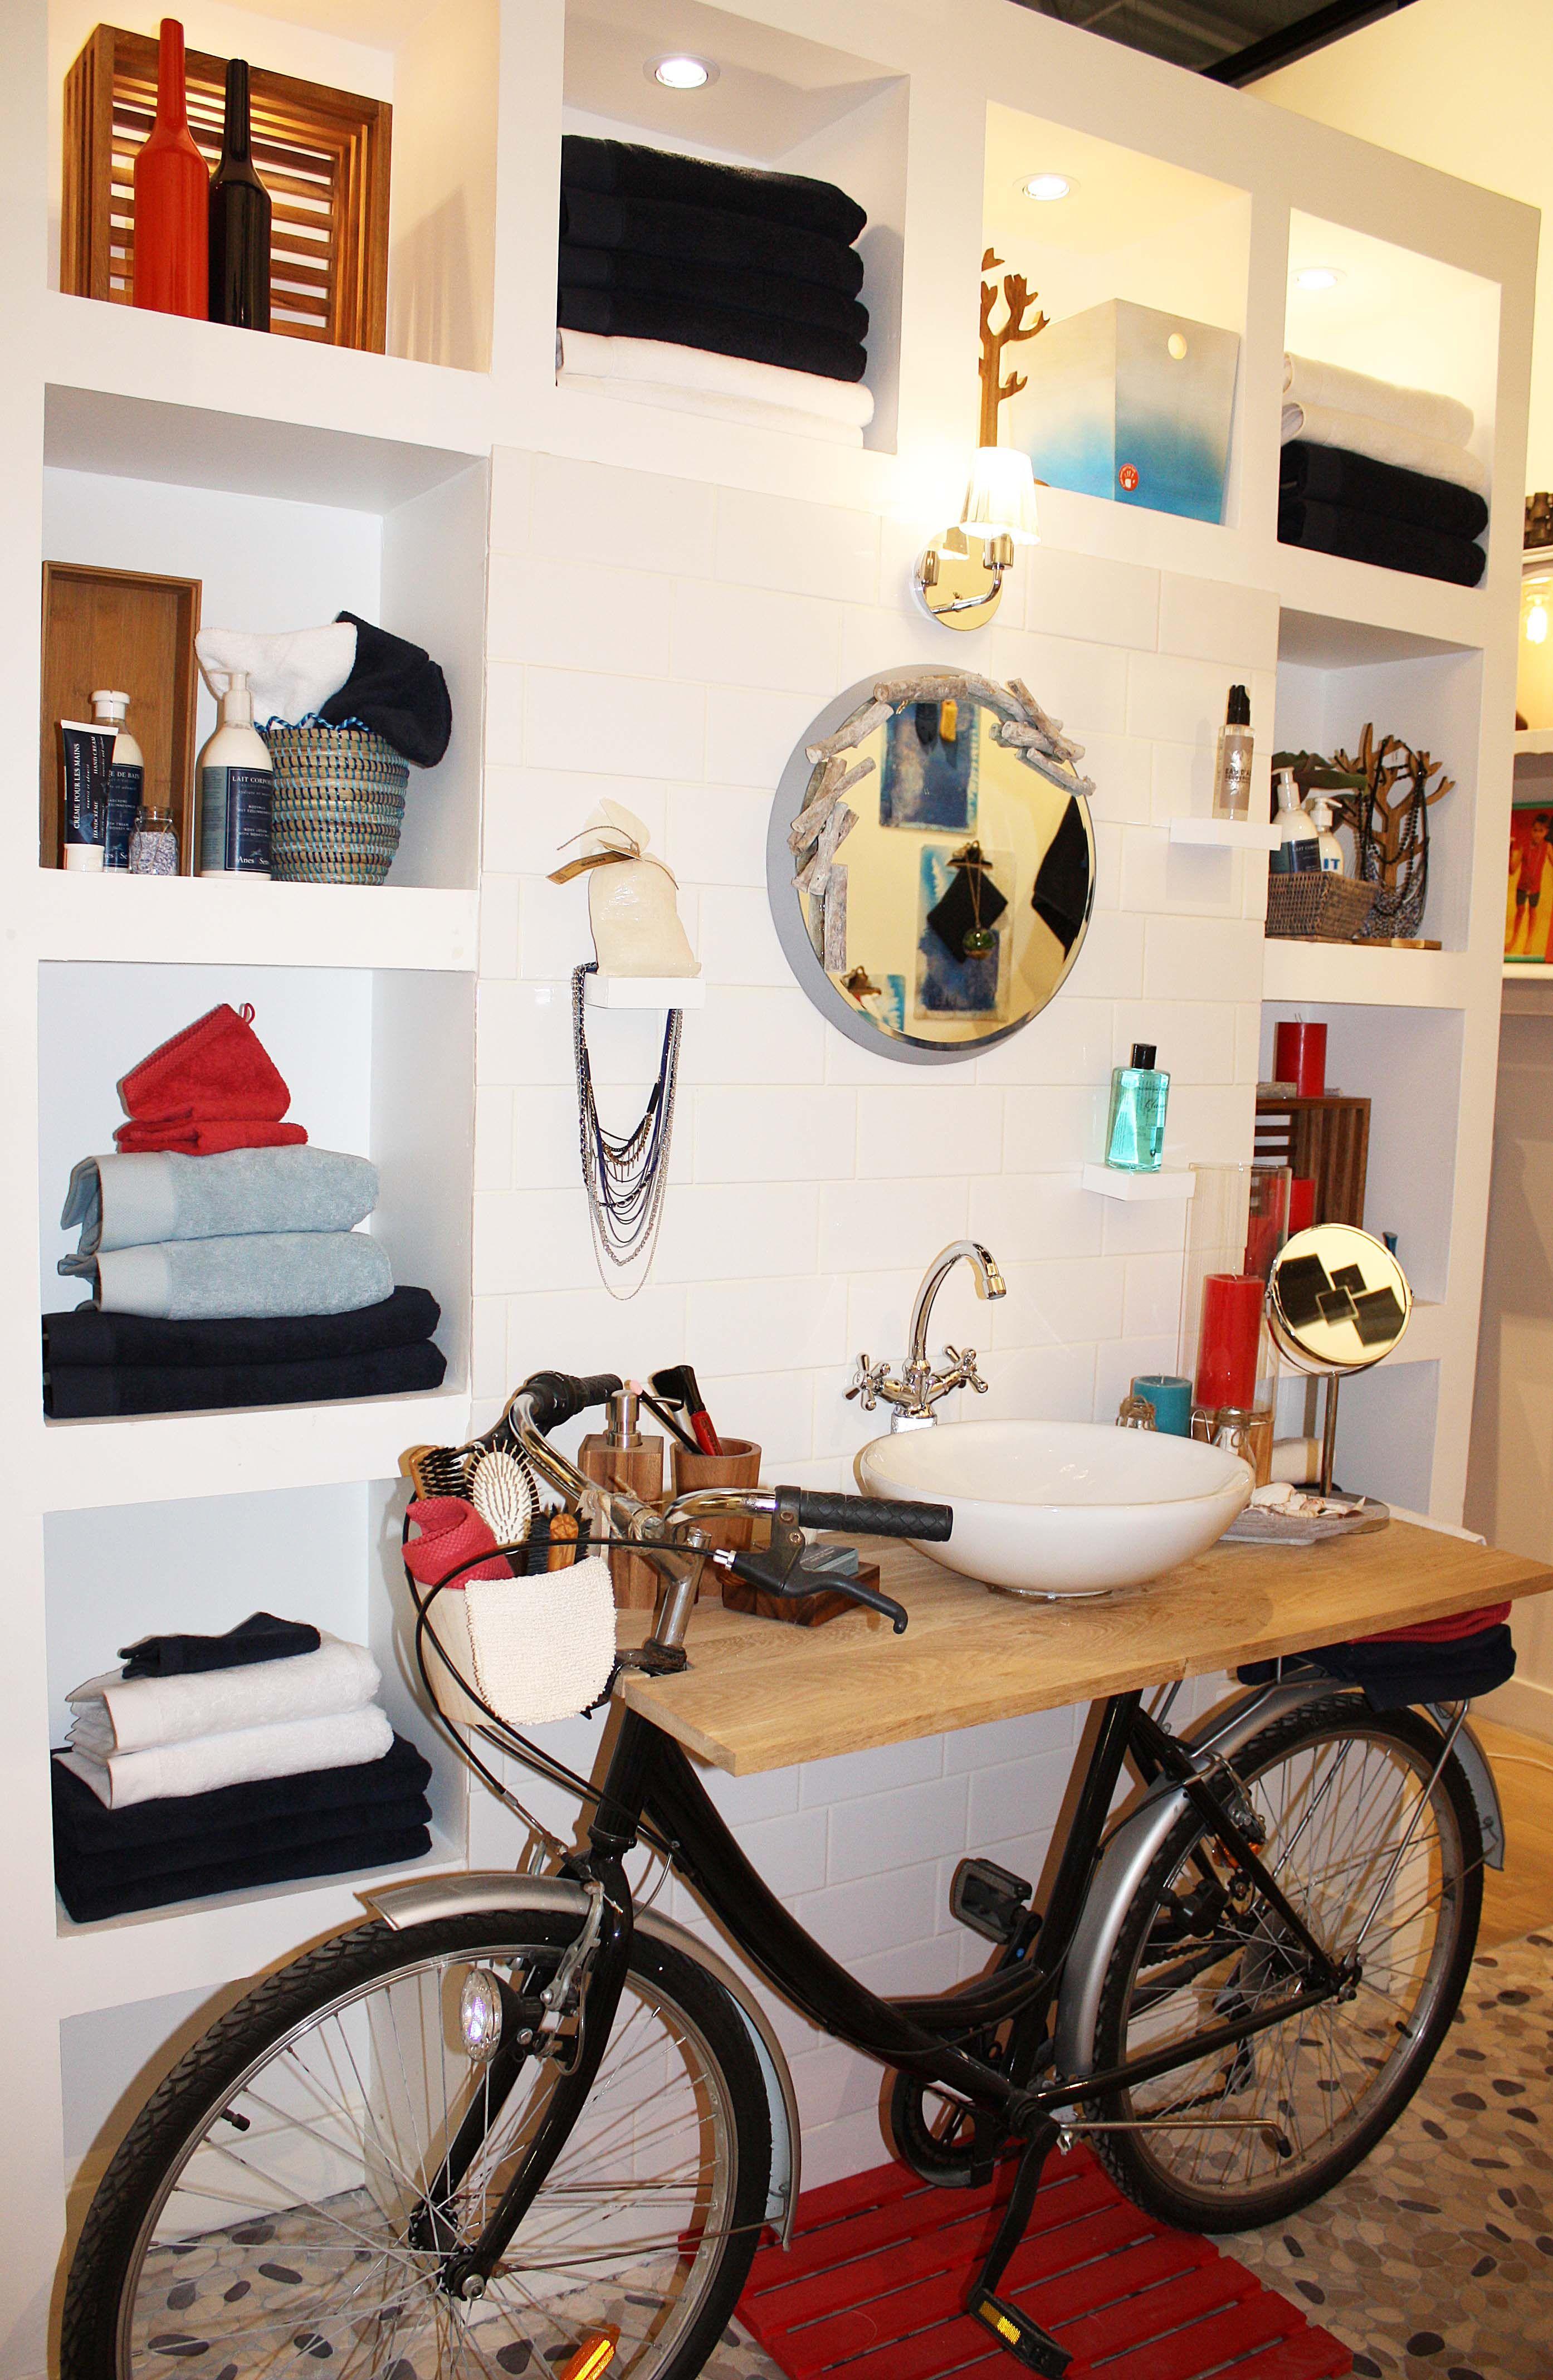 Zodio Salle De Bains Maison Declic Bleu Gennevilliers Deco Interieure Mobilier De Salon Decoration Interieure